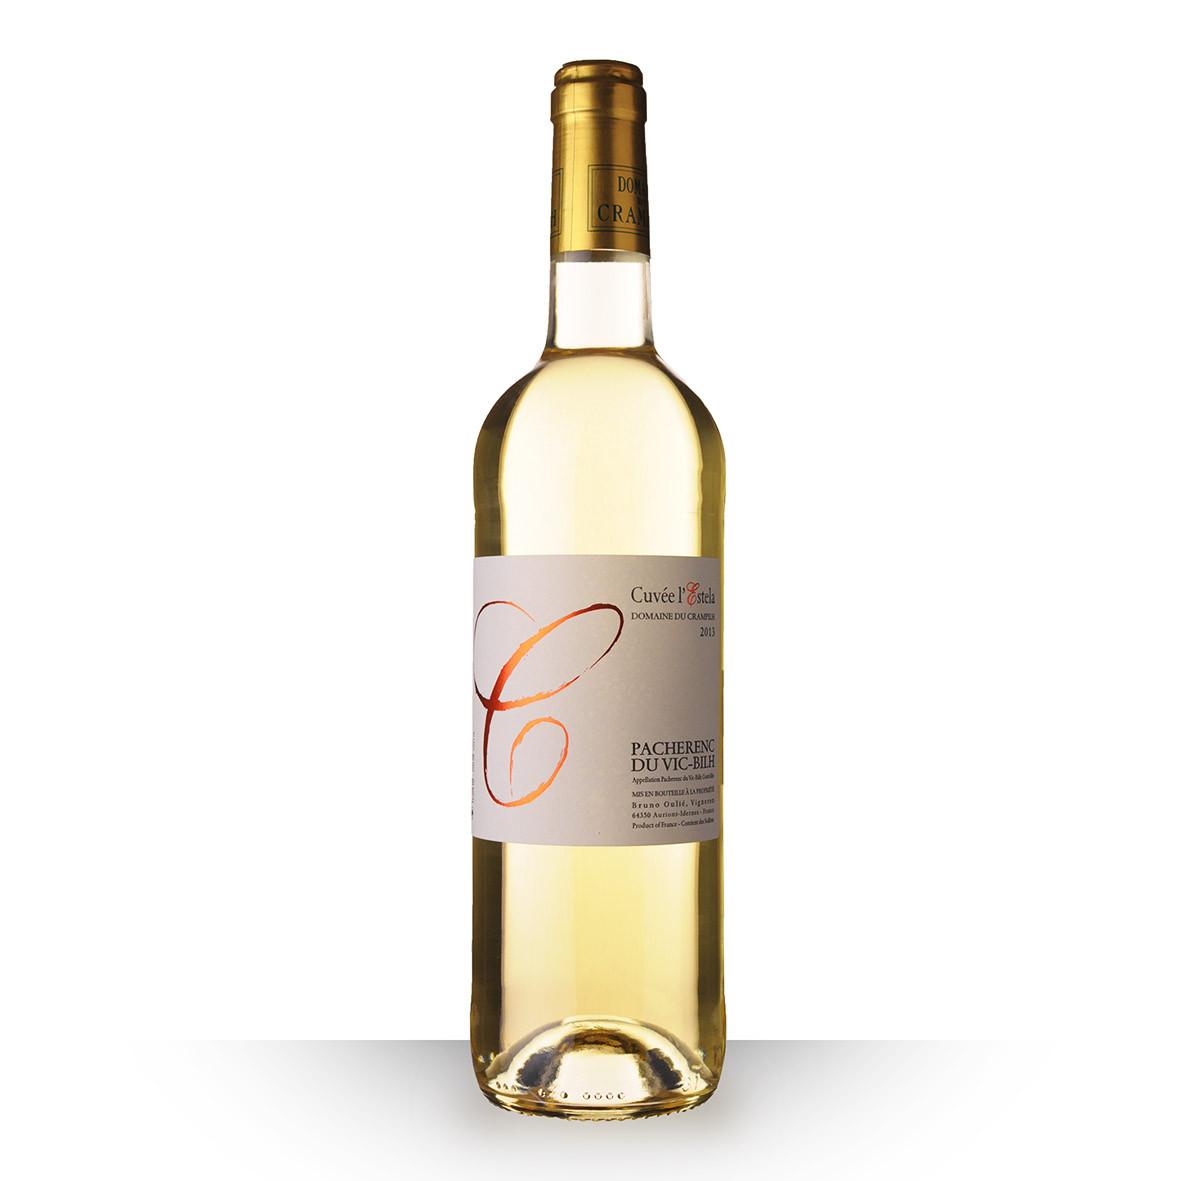 Domaine du Crampilh Cuvée lEstela Pacherenc du Vic-Bilh Blanc 2013 75cl www.odyssee-vins.com